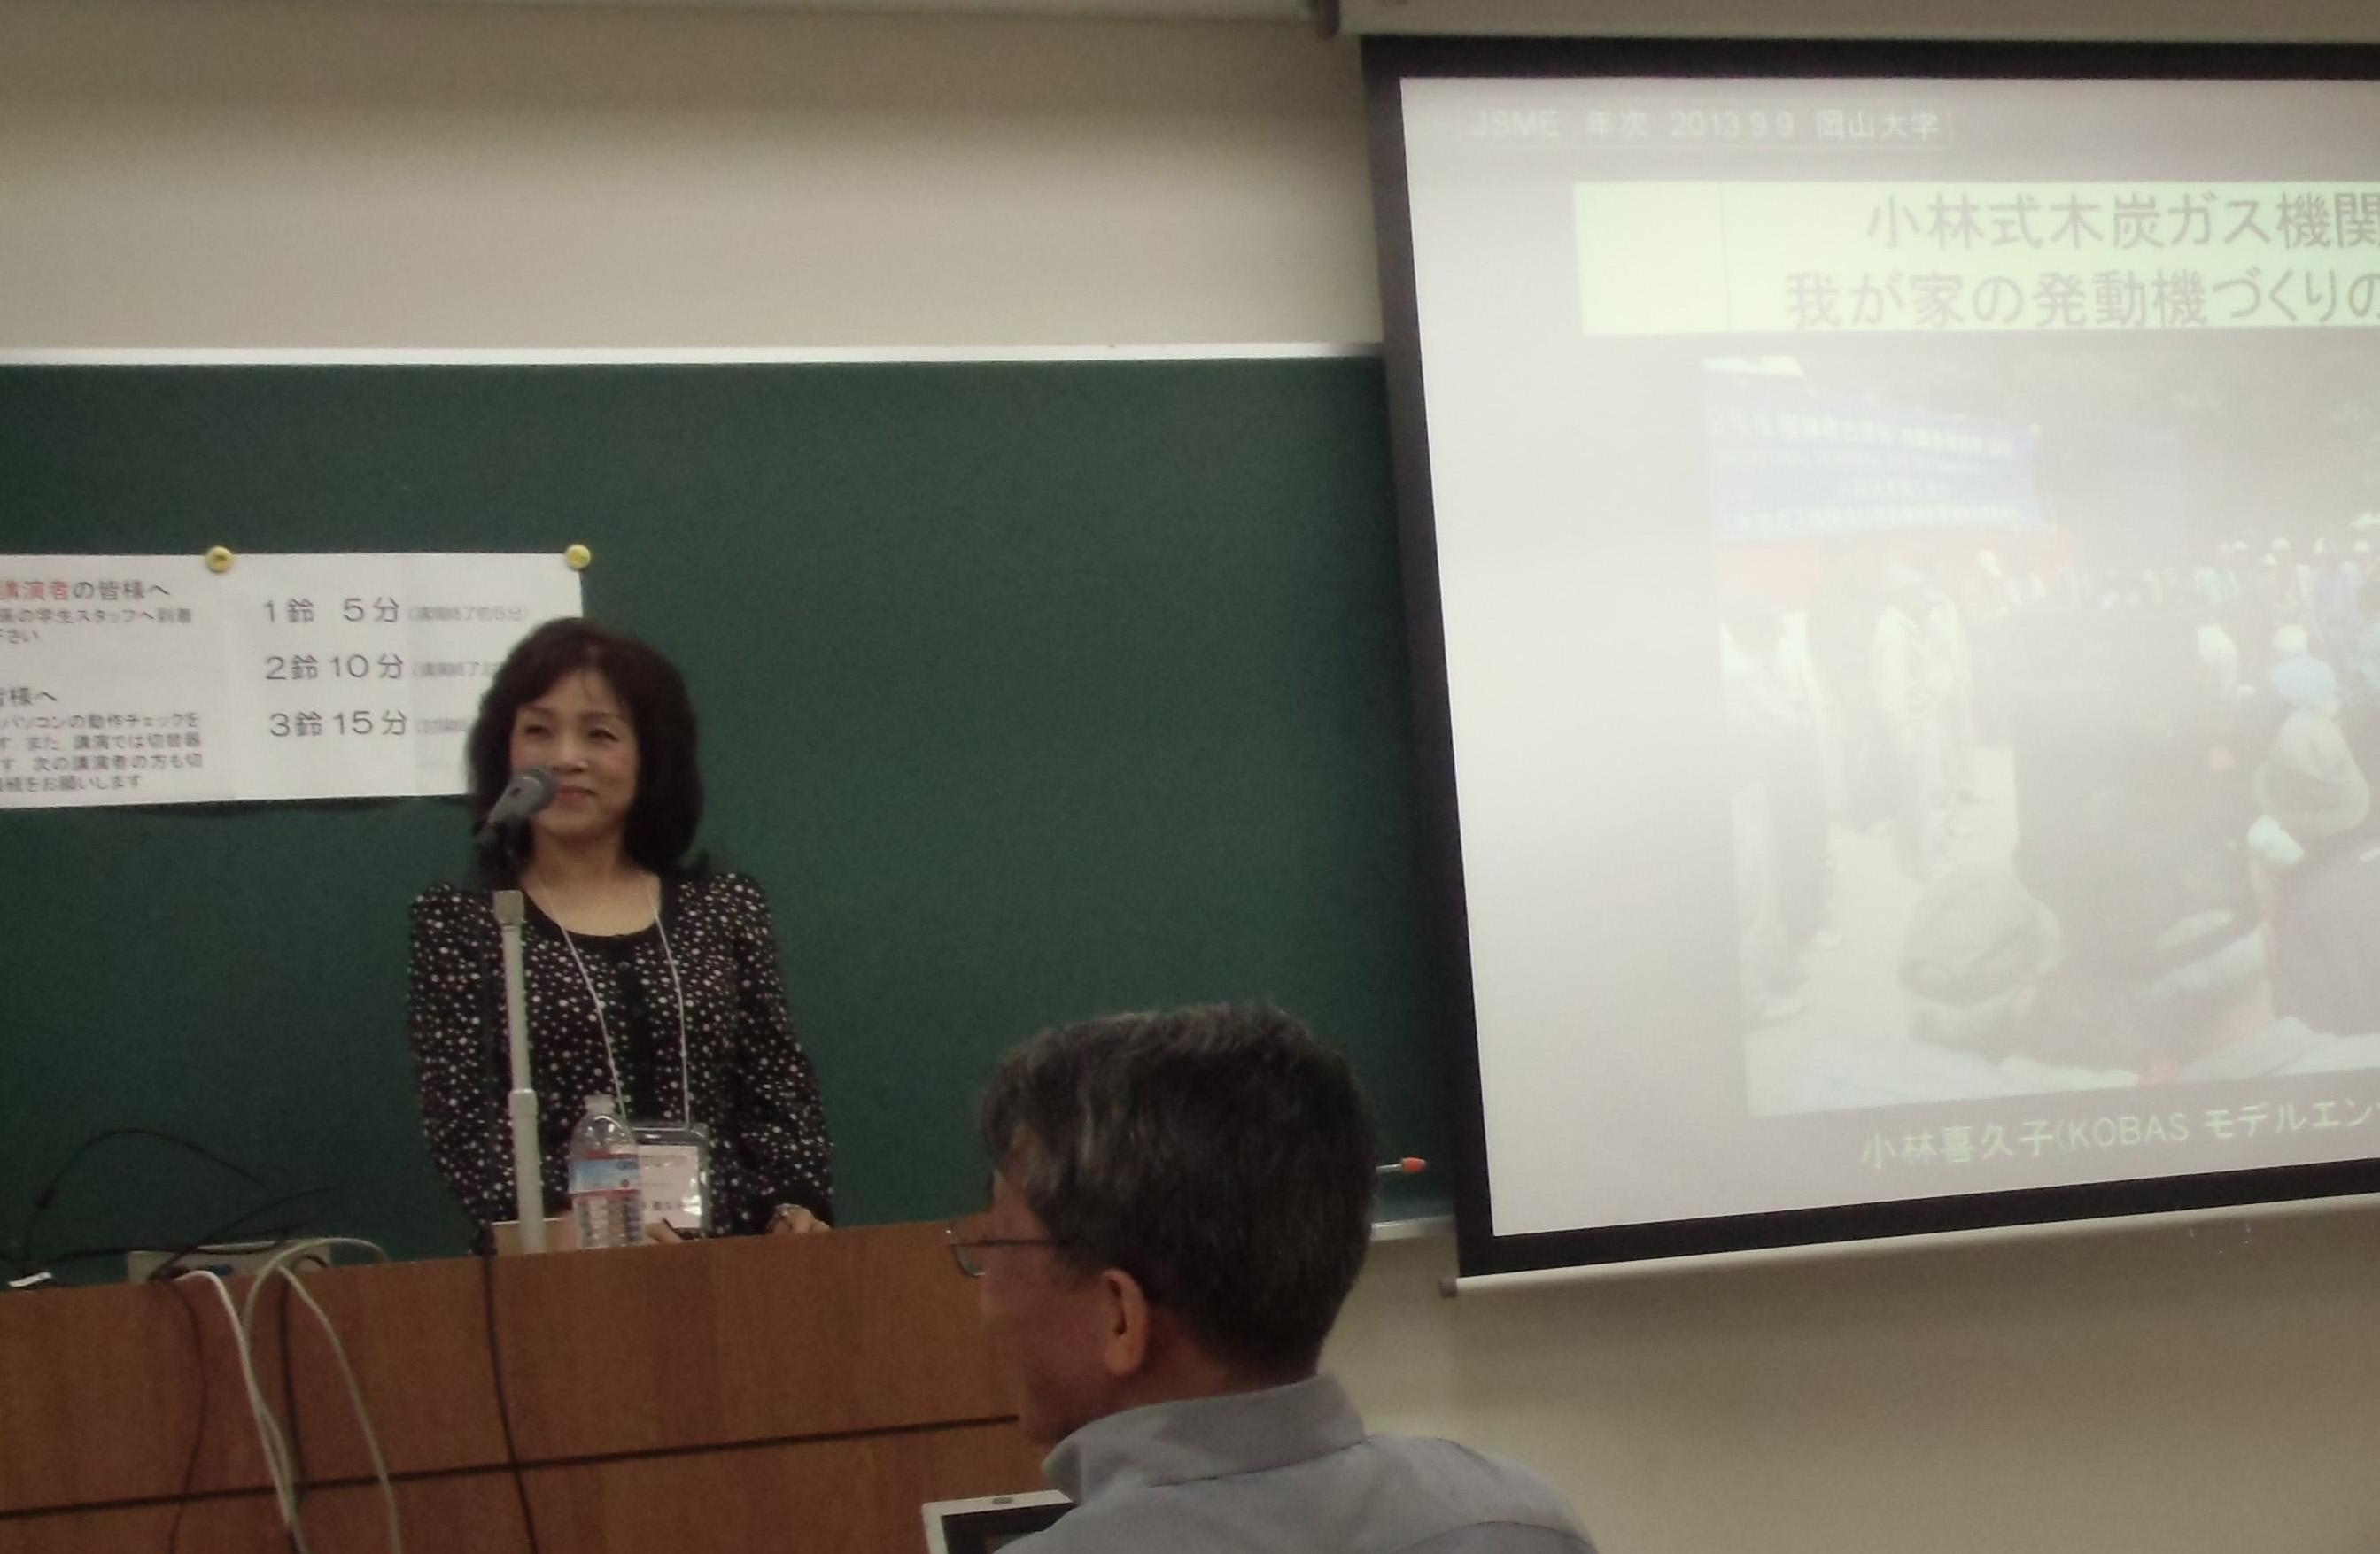 日本機械学会2013年次大会でプレゼンテーション! 2013年9月9日_d0079522_12484167.jpg